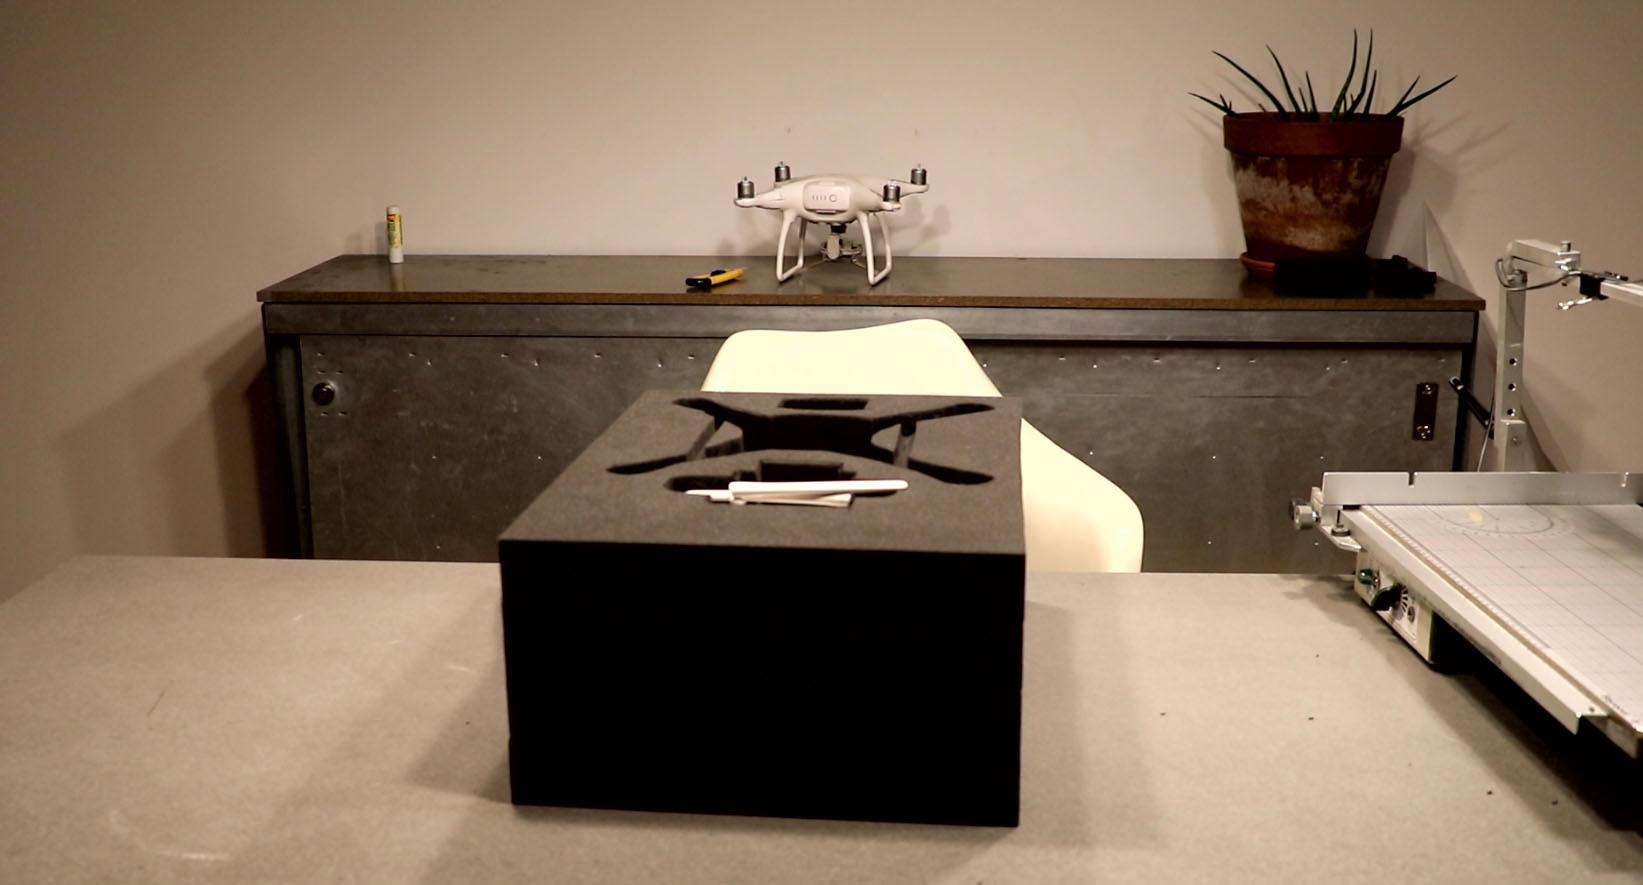 DIY Drone Case